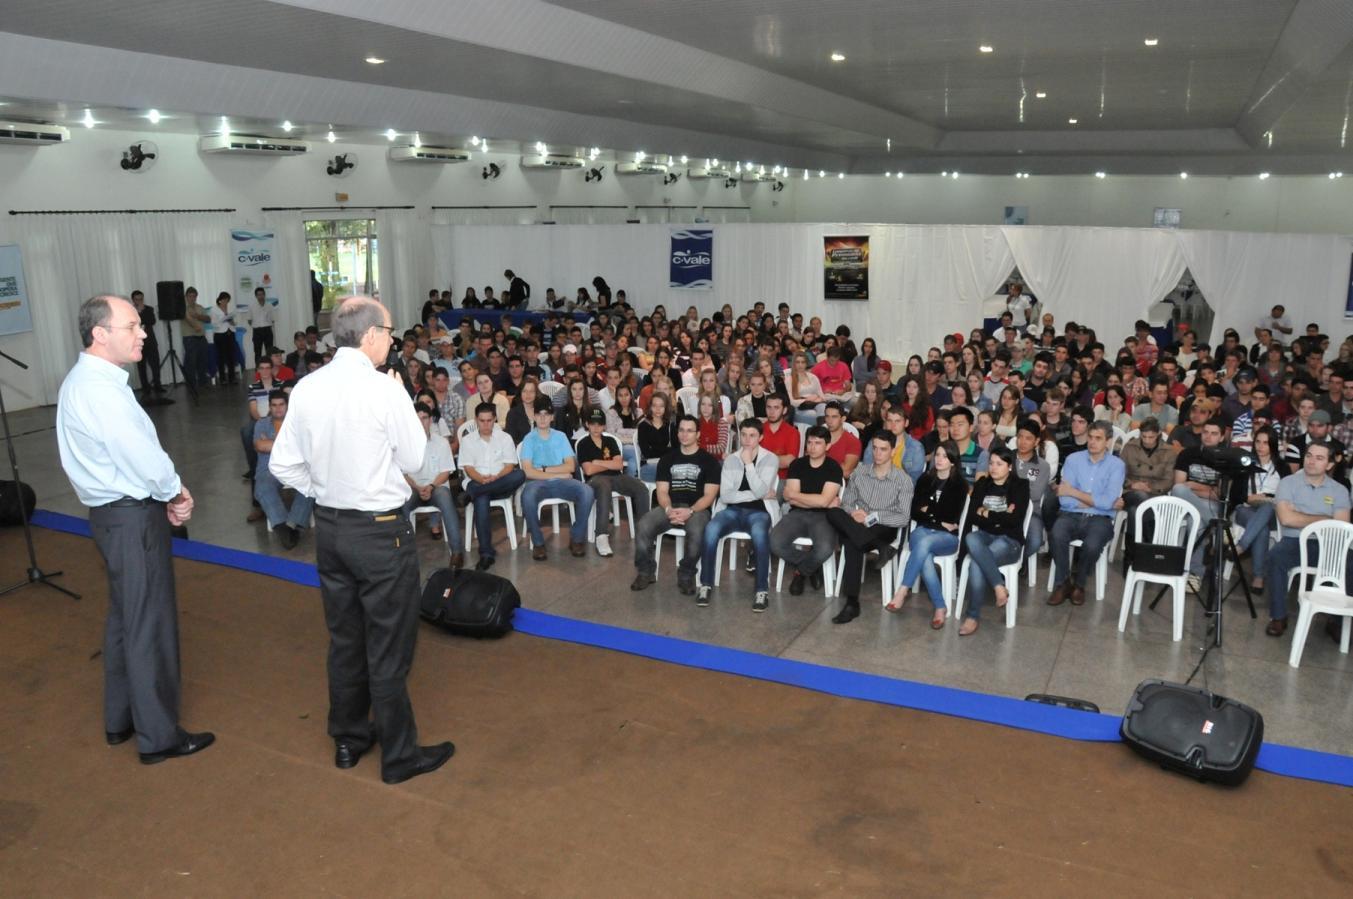 seminario jovem 03 07 2012